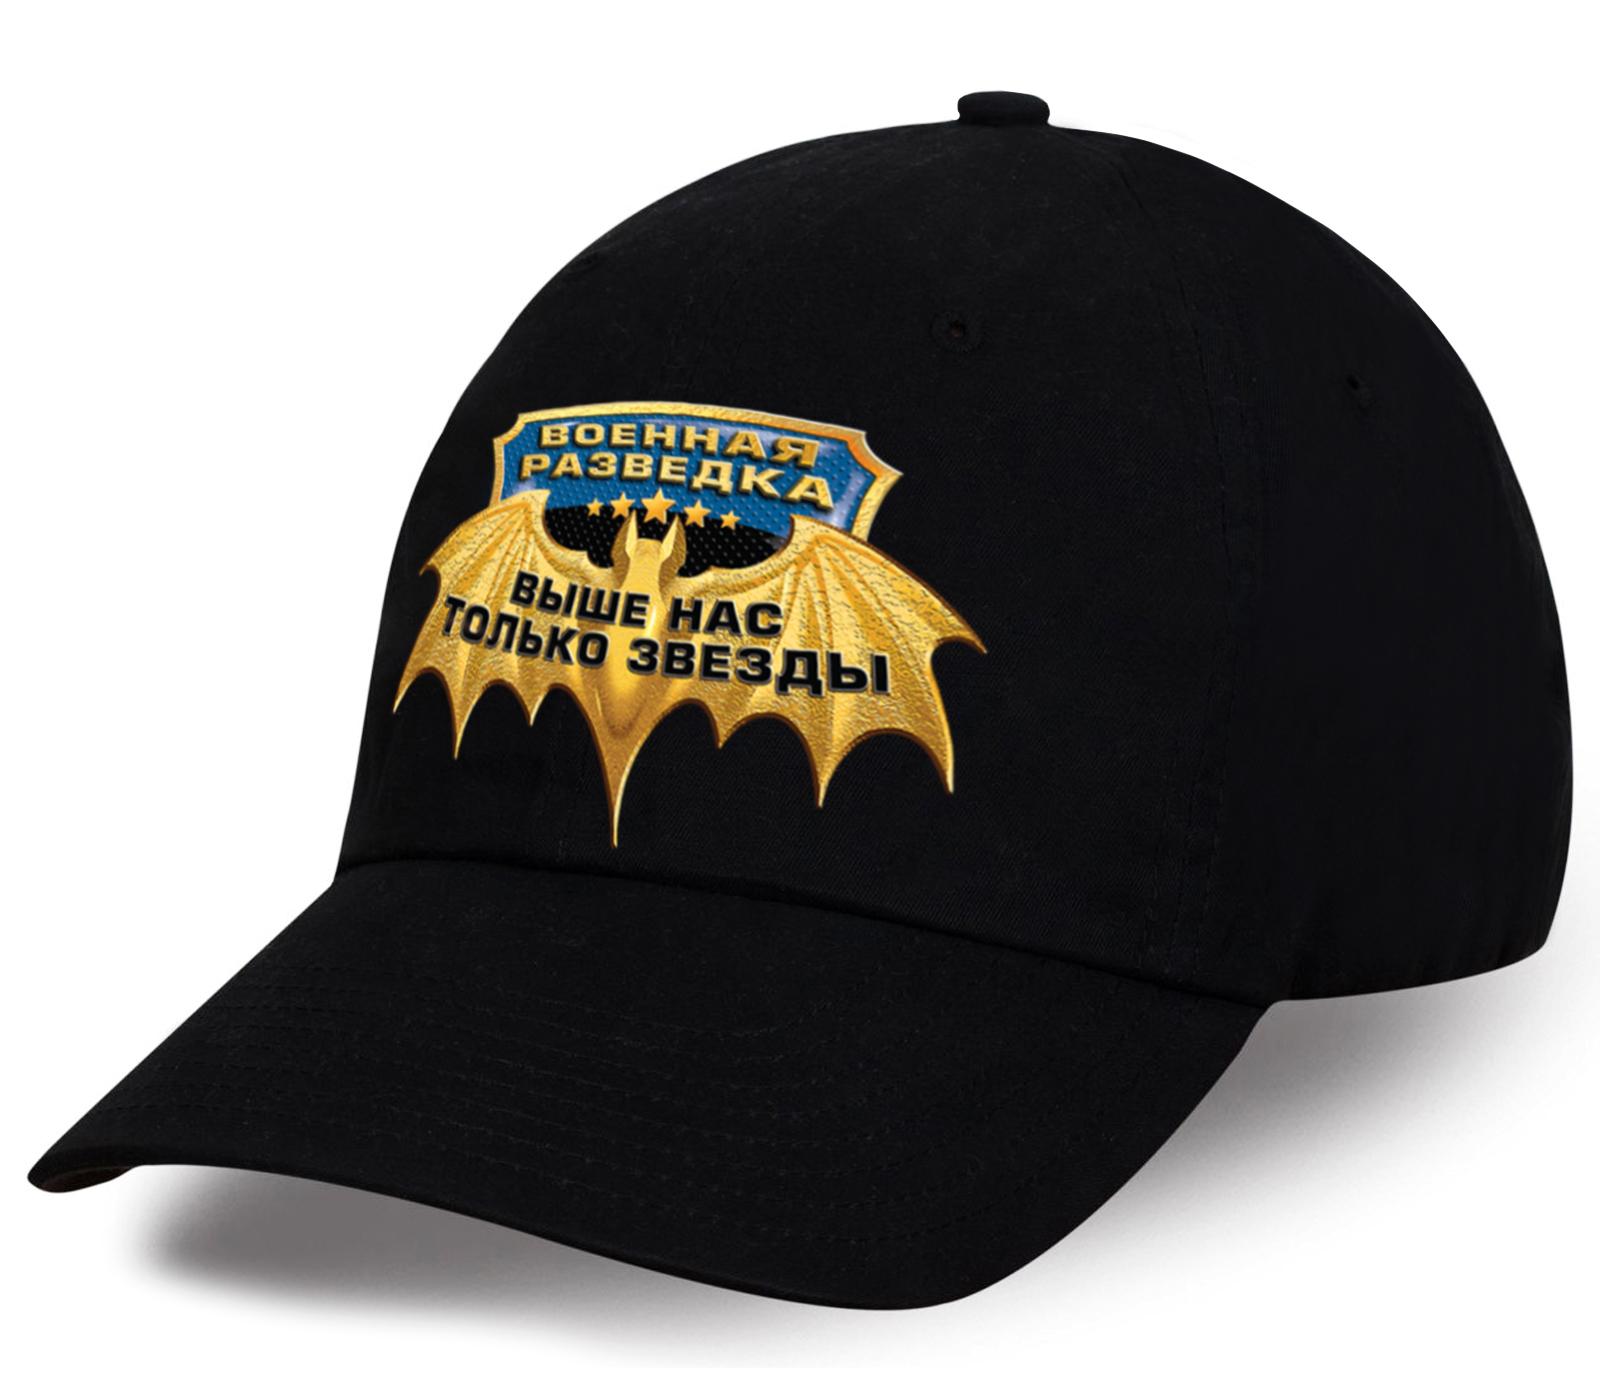 Такую кепку Вы не купите нигде - черная кепка с авторским принтом топового девиза военного разведчика «Выше нас только звезды». Отменный подарок настоящим мужчинам!